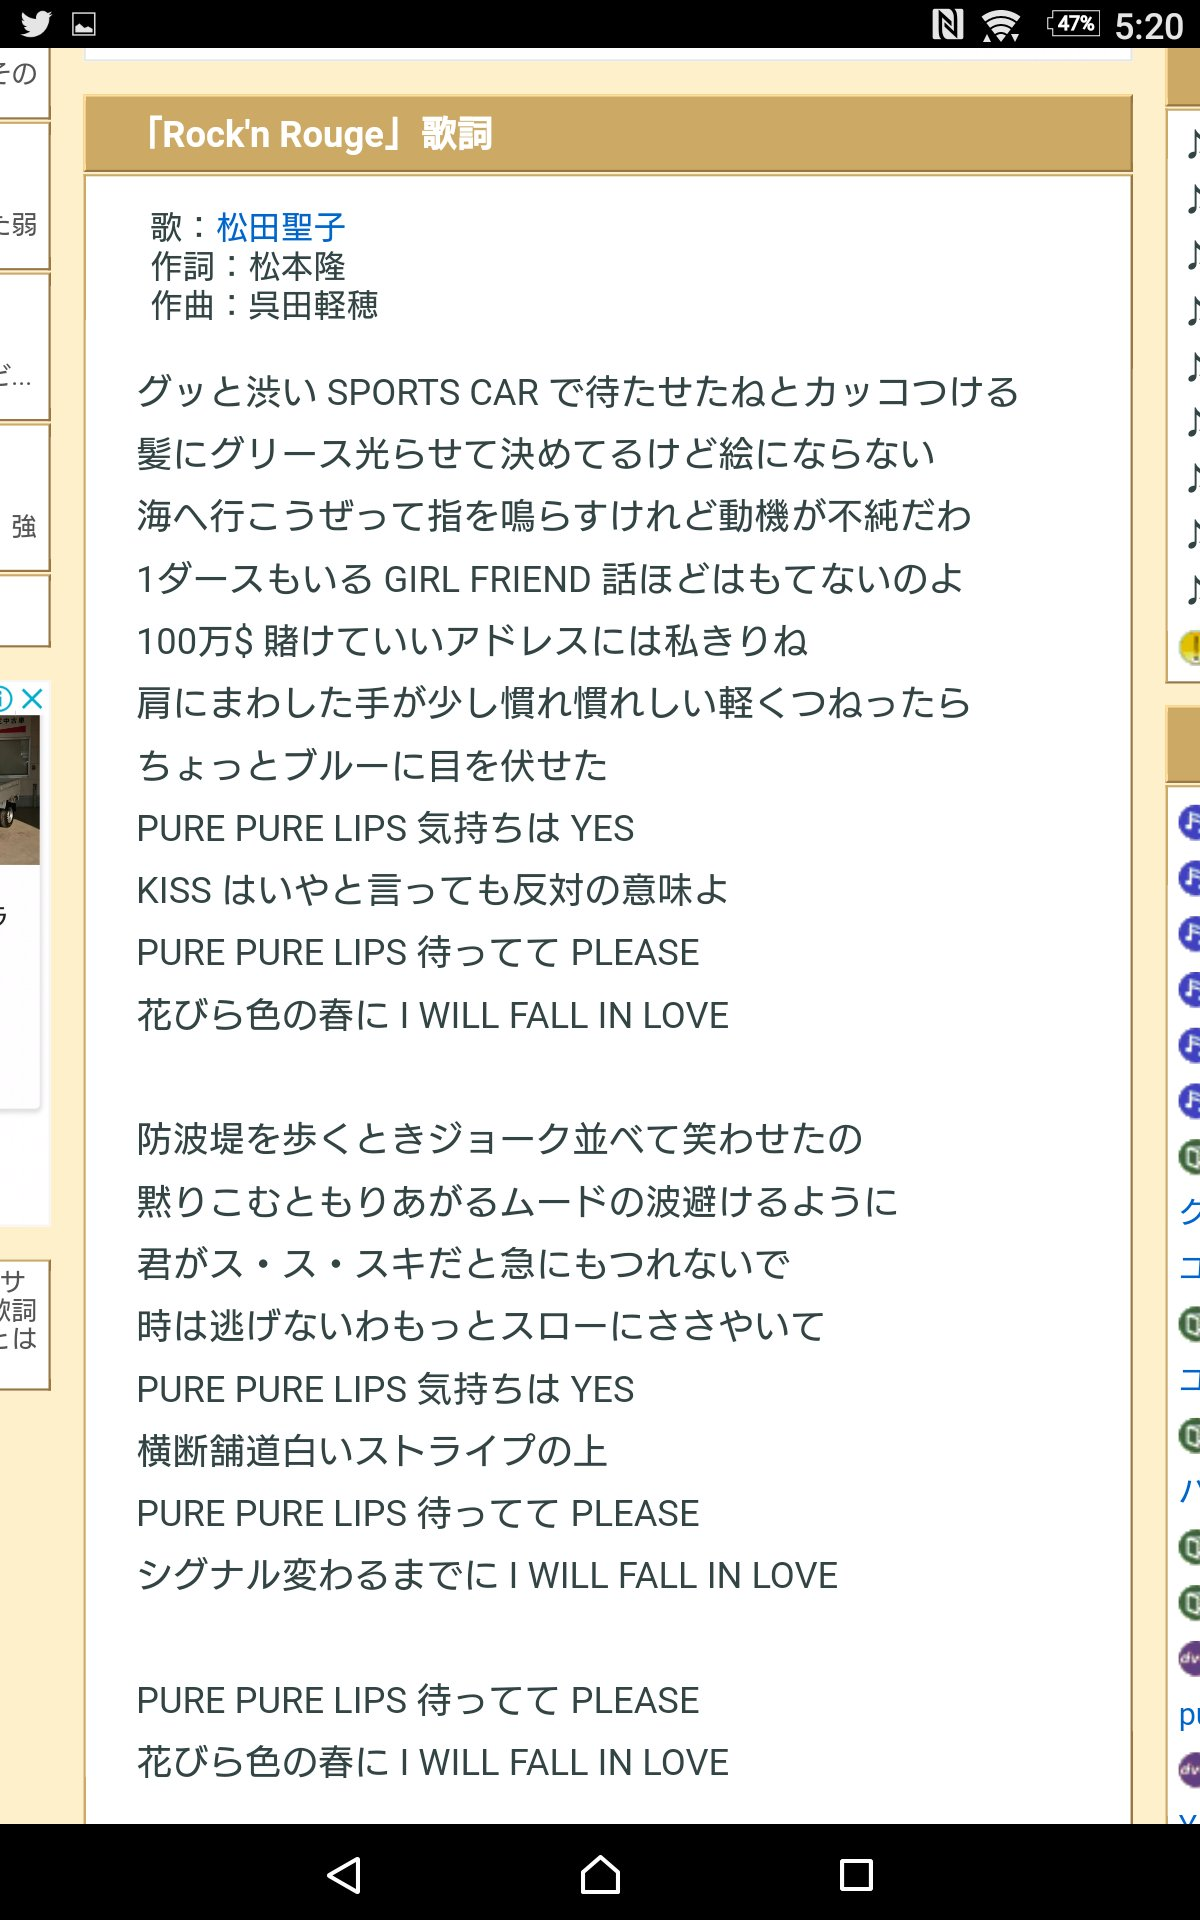 ピュア ピュア リップ 松田 聖子 の 歌